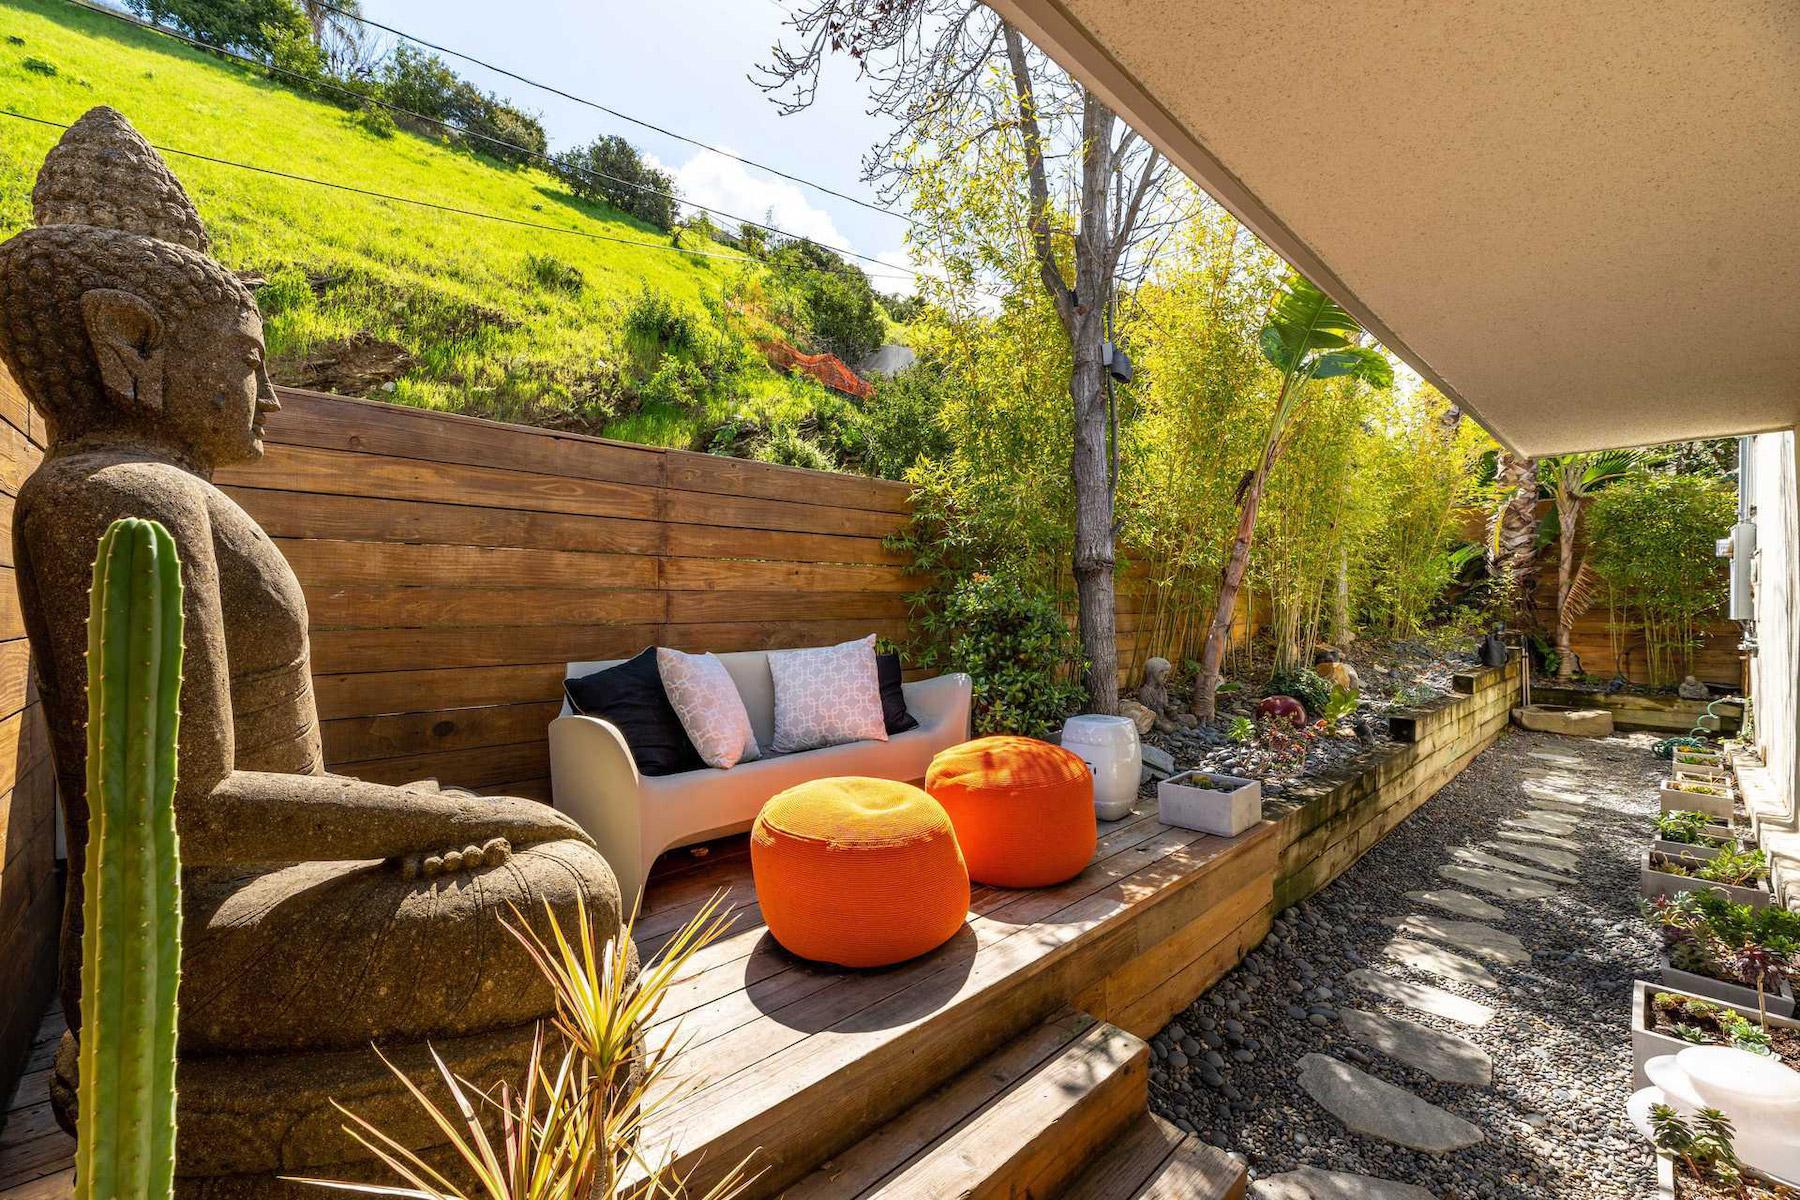 Das aussergewöhnliche Stilt House von Richard Neutra in Kalifornien 3